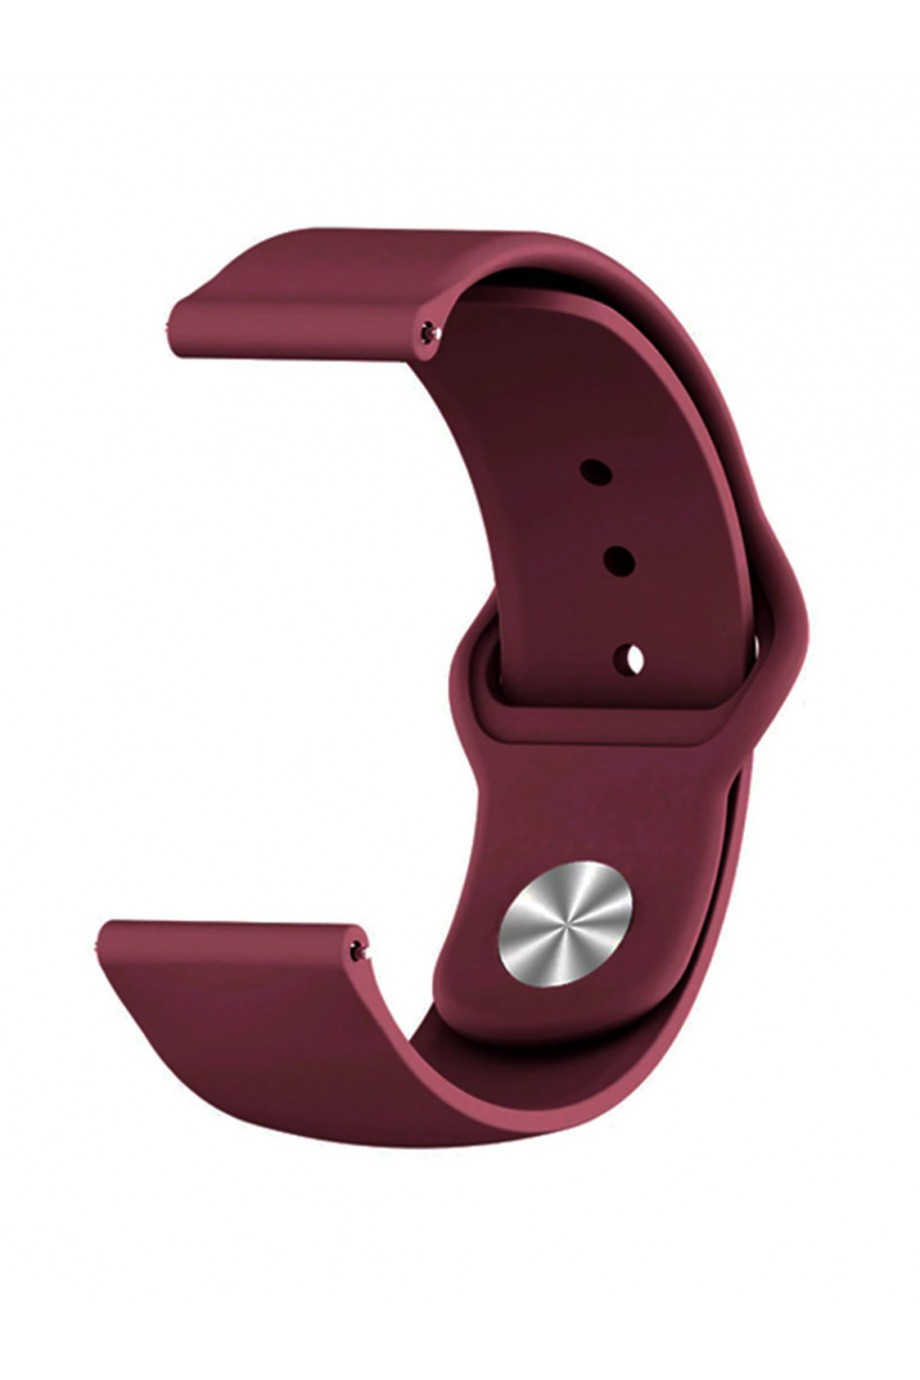 Силиконовый ремешок для Amazfit Stratos 2s, 22 мм, застежка pin-and-tuck, вишневый, mz-05